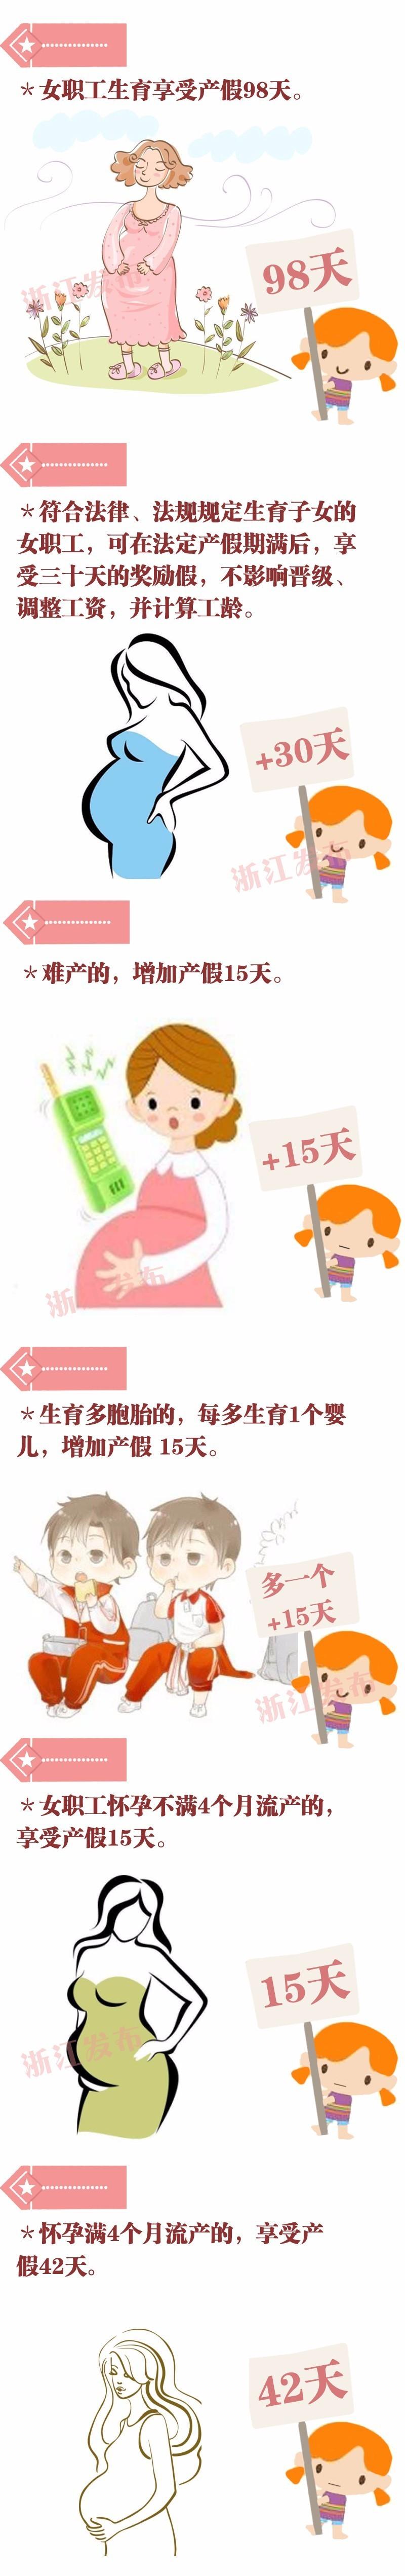 下月起,浙江职工婚嫁、产假、痛经假、招聘政策都要变了!